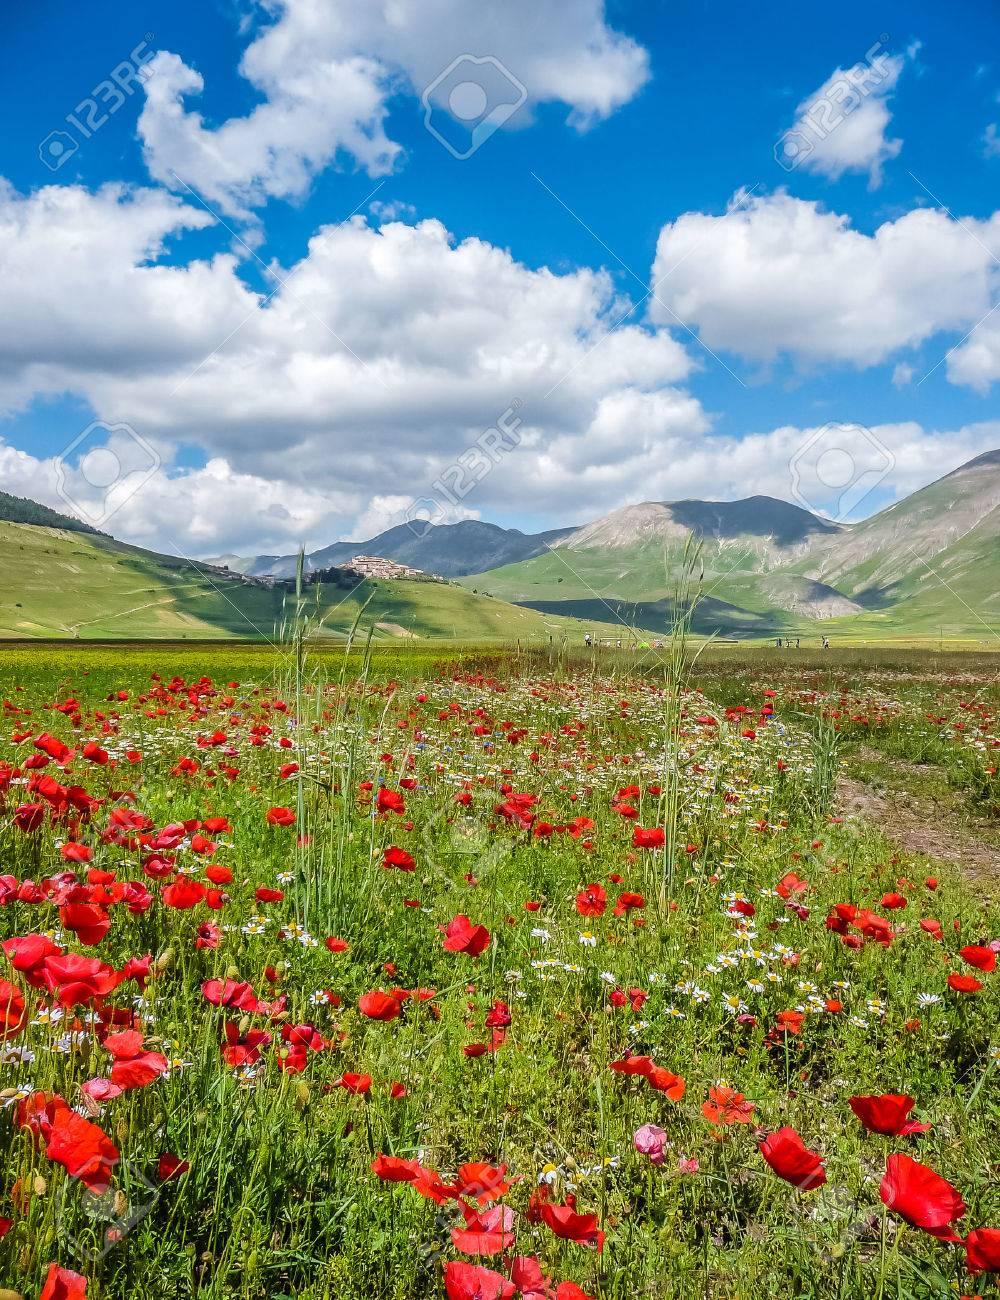 Beau paysage d'été au Piano Grande Grande Plaine du plateau de montagne dans les Apennins, Castelluccio di Norcia, Ombrie, Italie Banque d'images - 49066383